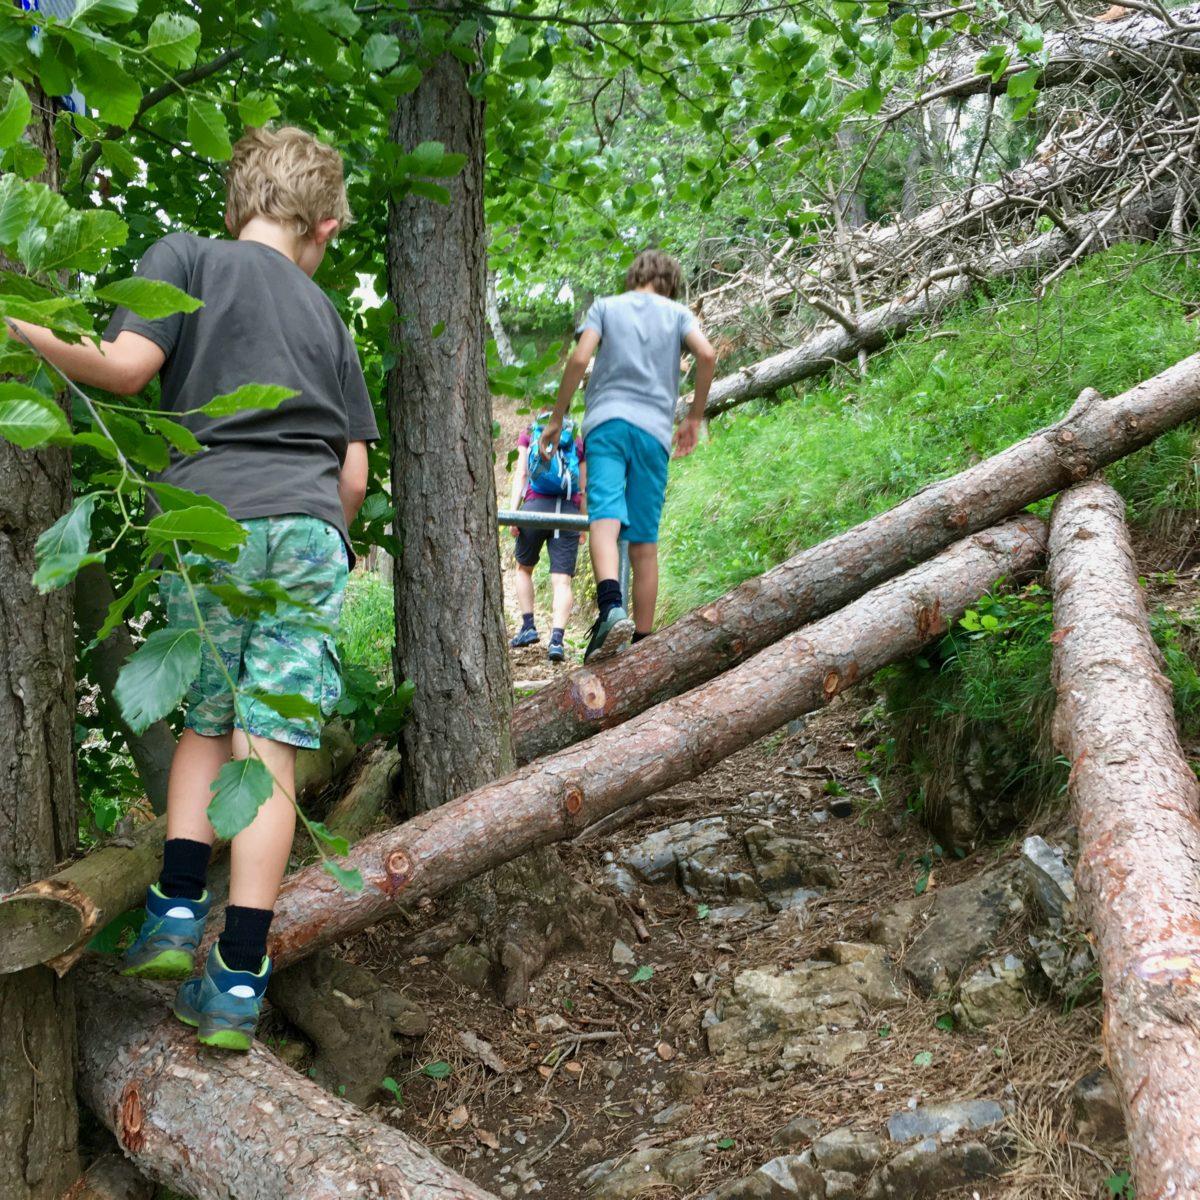 Kleine Kraxelei über (absichtlich) umgestürzte Bäume. Hier herrscht wohl ein Kleinkrieg mit den Mountainbikern…